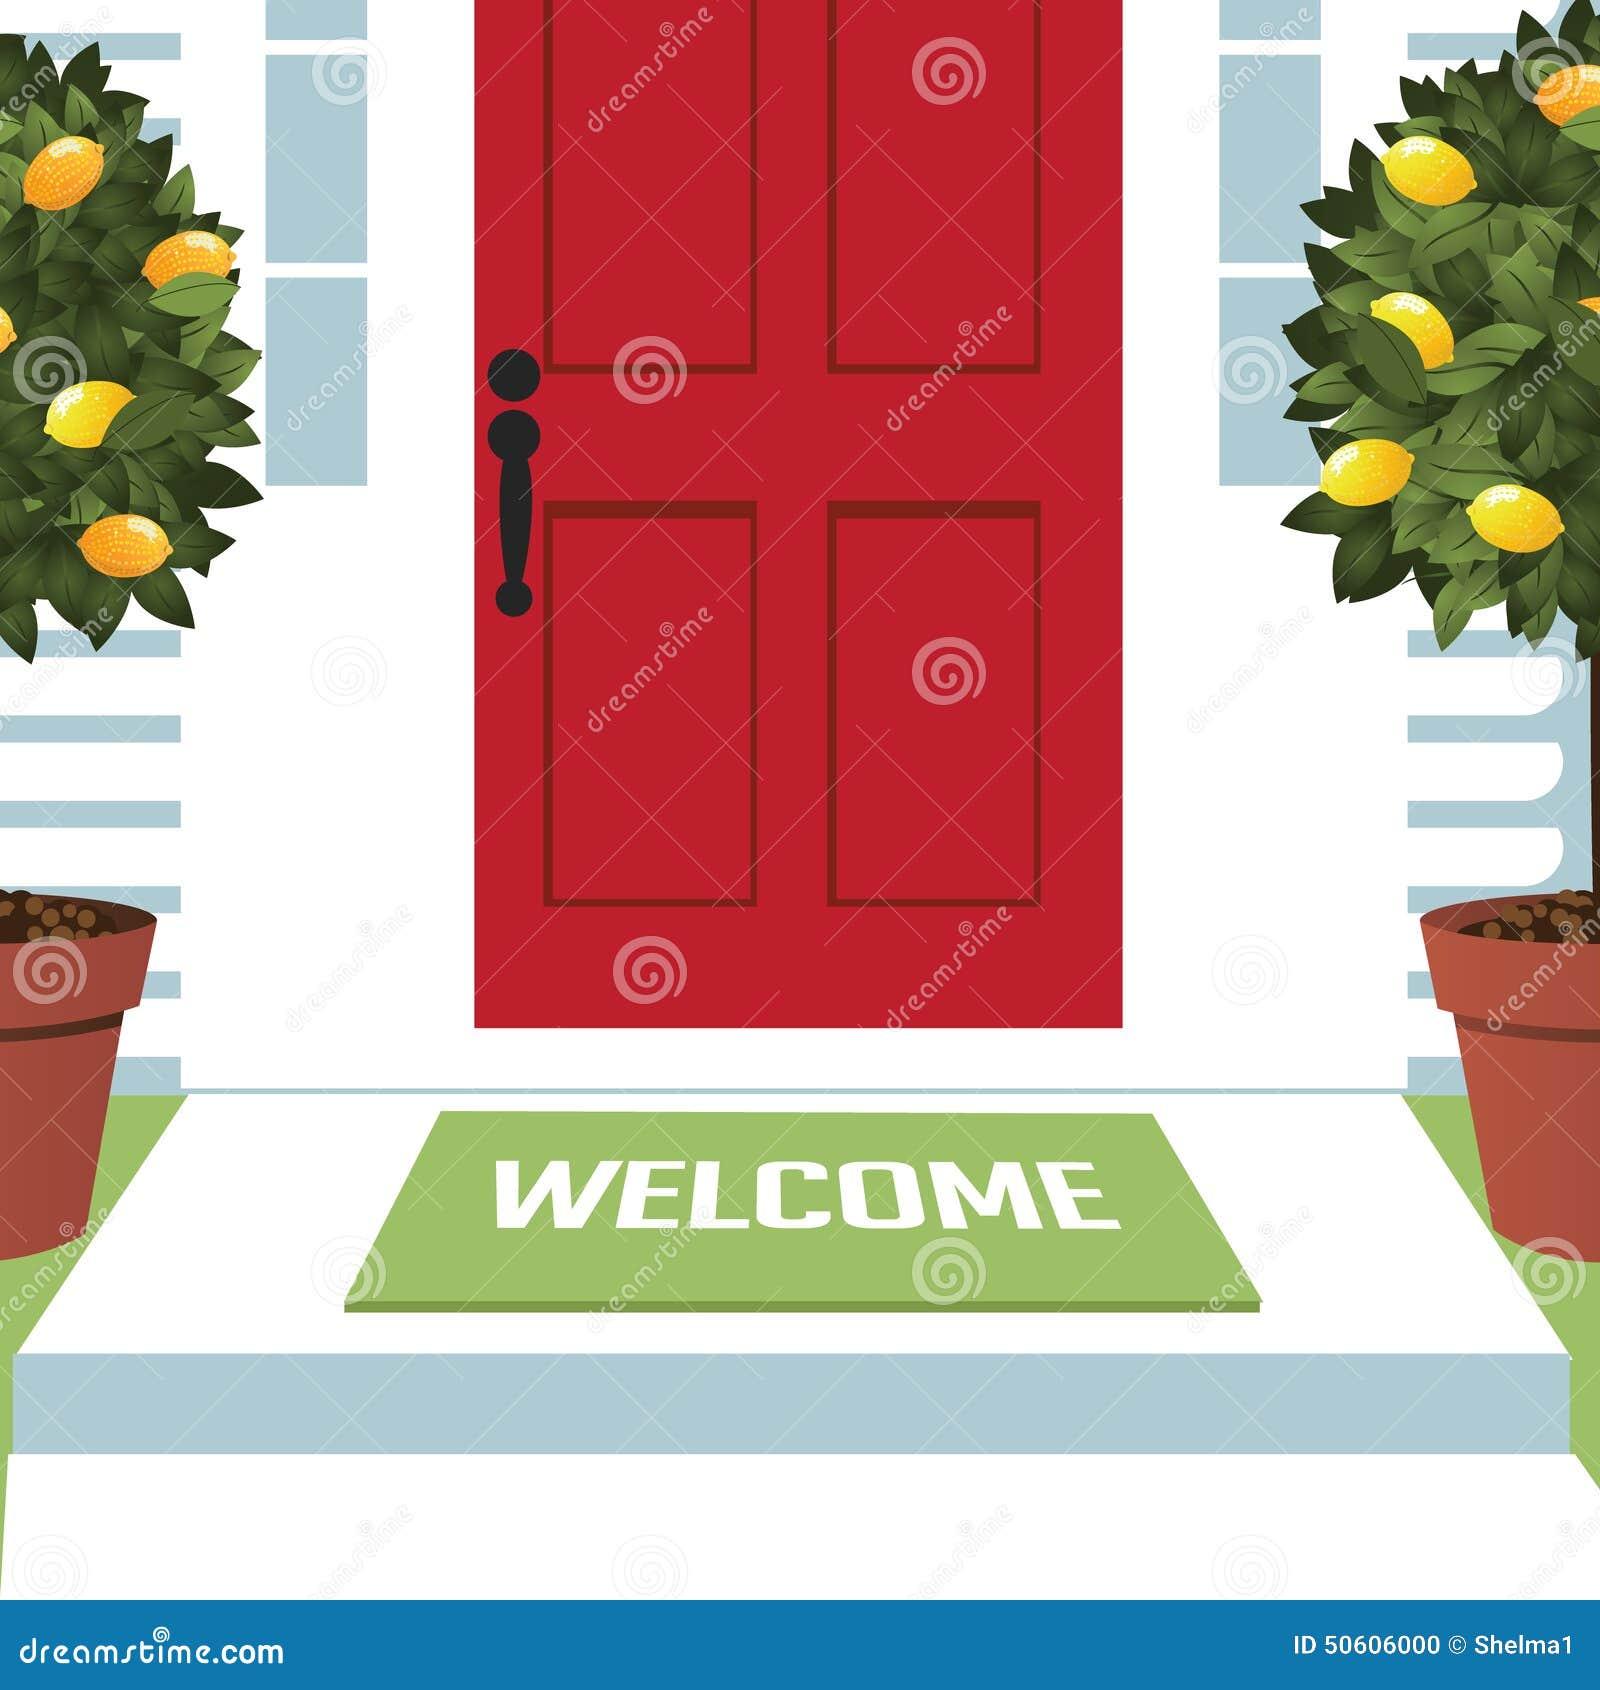 Welcome Mat At Front Door Stock Vector Image 50606000